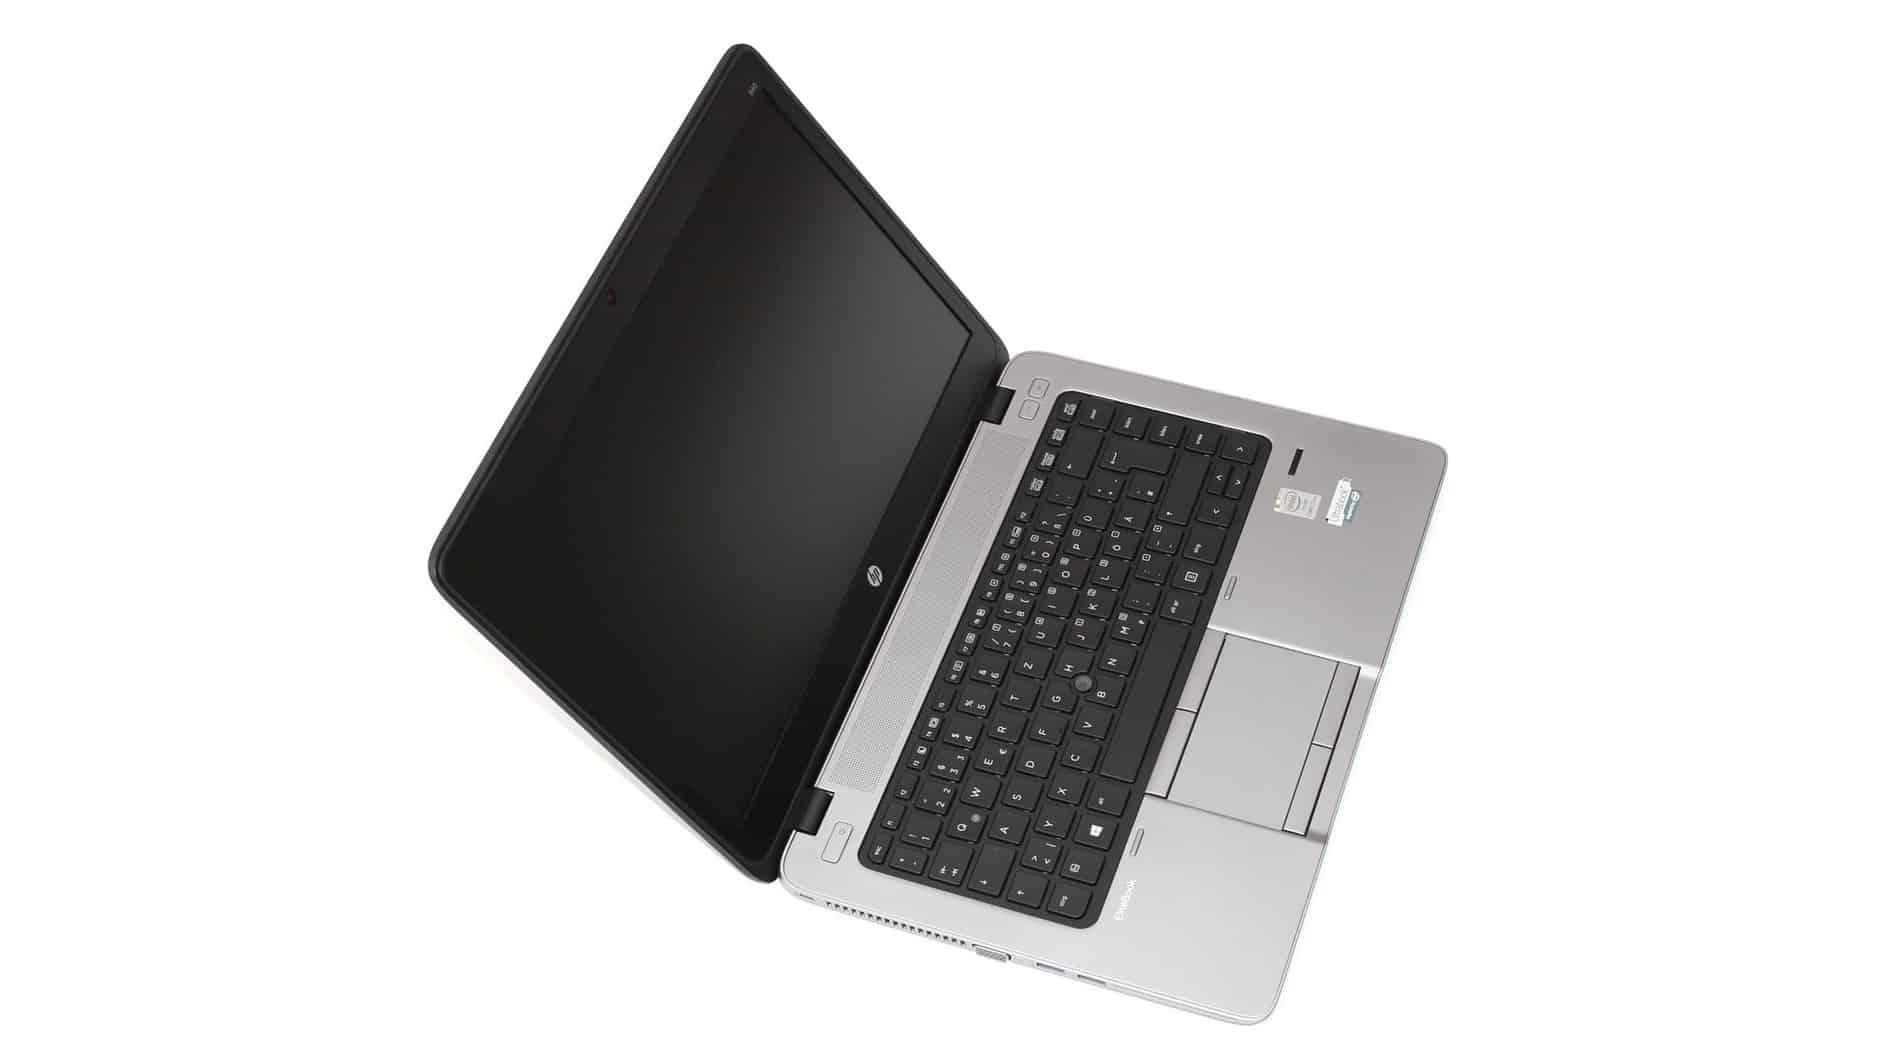 HP Elitebook 840 G2 (2017)